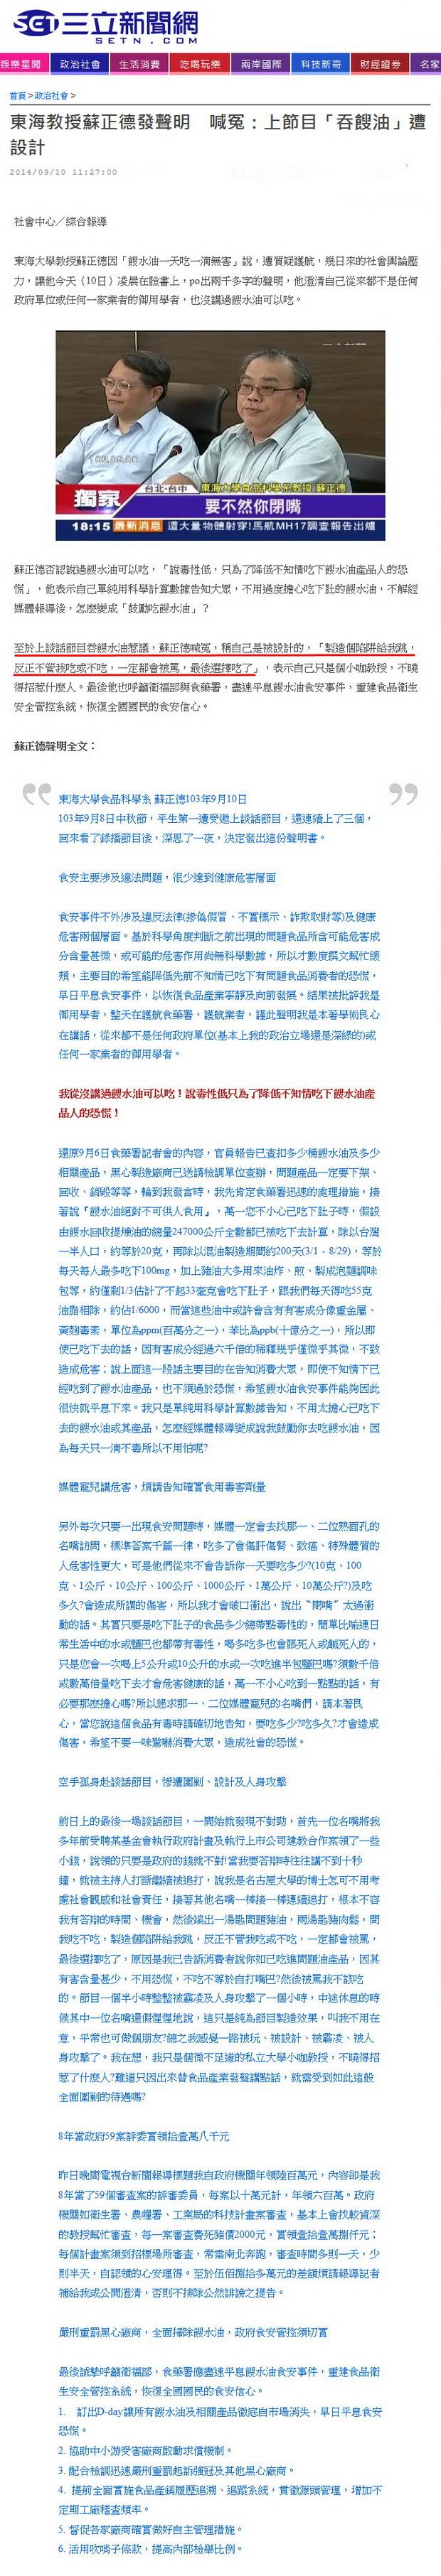 東海教授蘇正德發聲明 喊冤:上節目「吞餿油」遭設計-2014.09.10.jpg